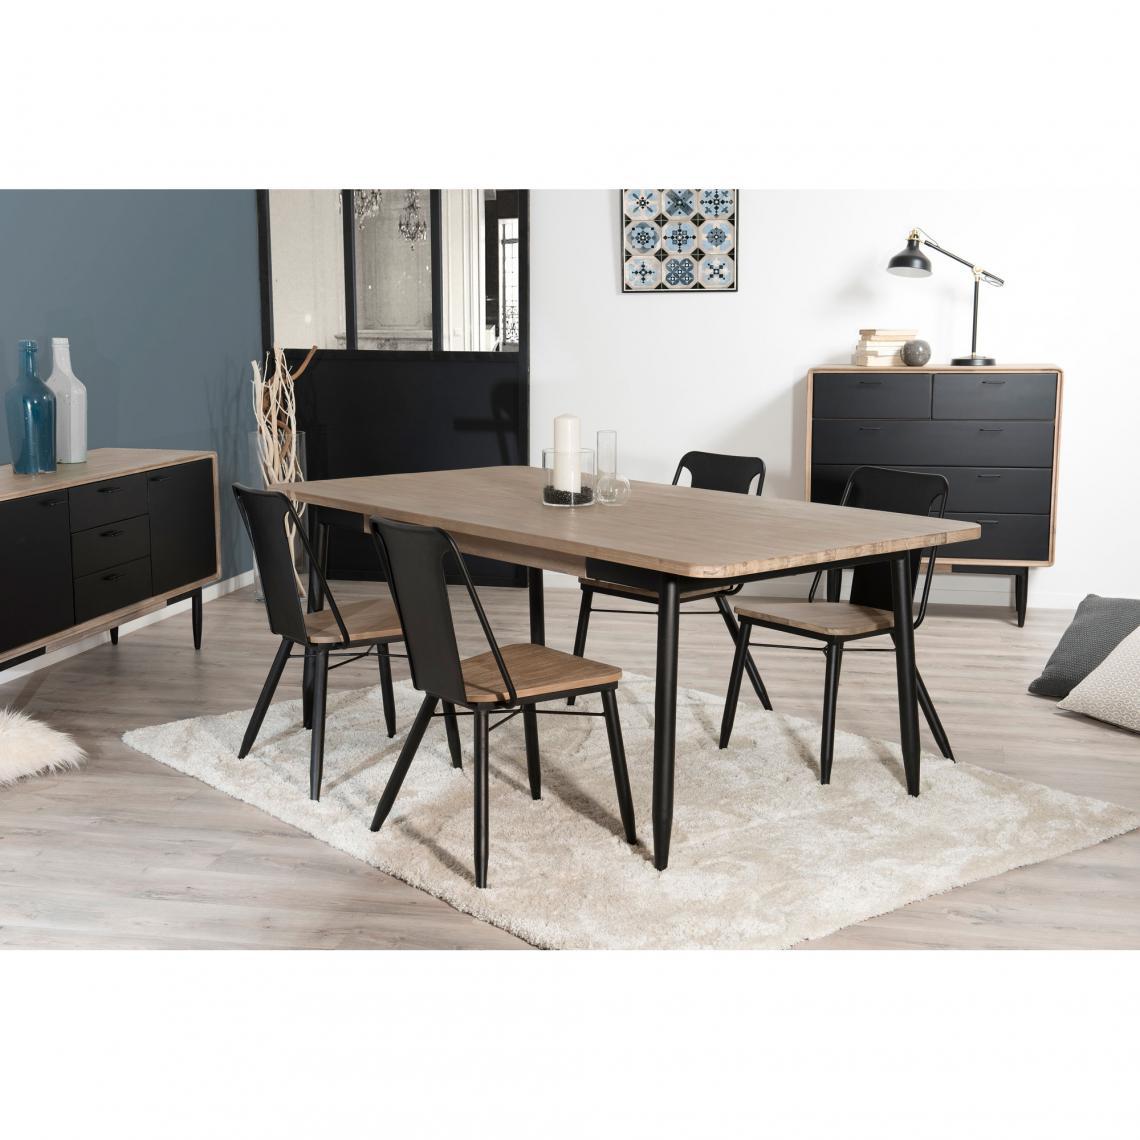 Table à Manger Rectangulaire 200 X 100 Cm Esprit Atelier   Chêne Clair  Cérusé